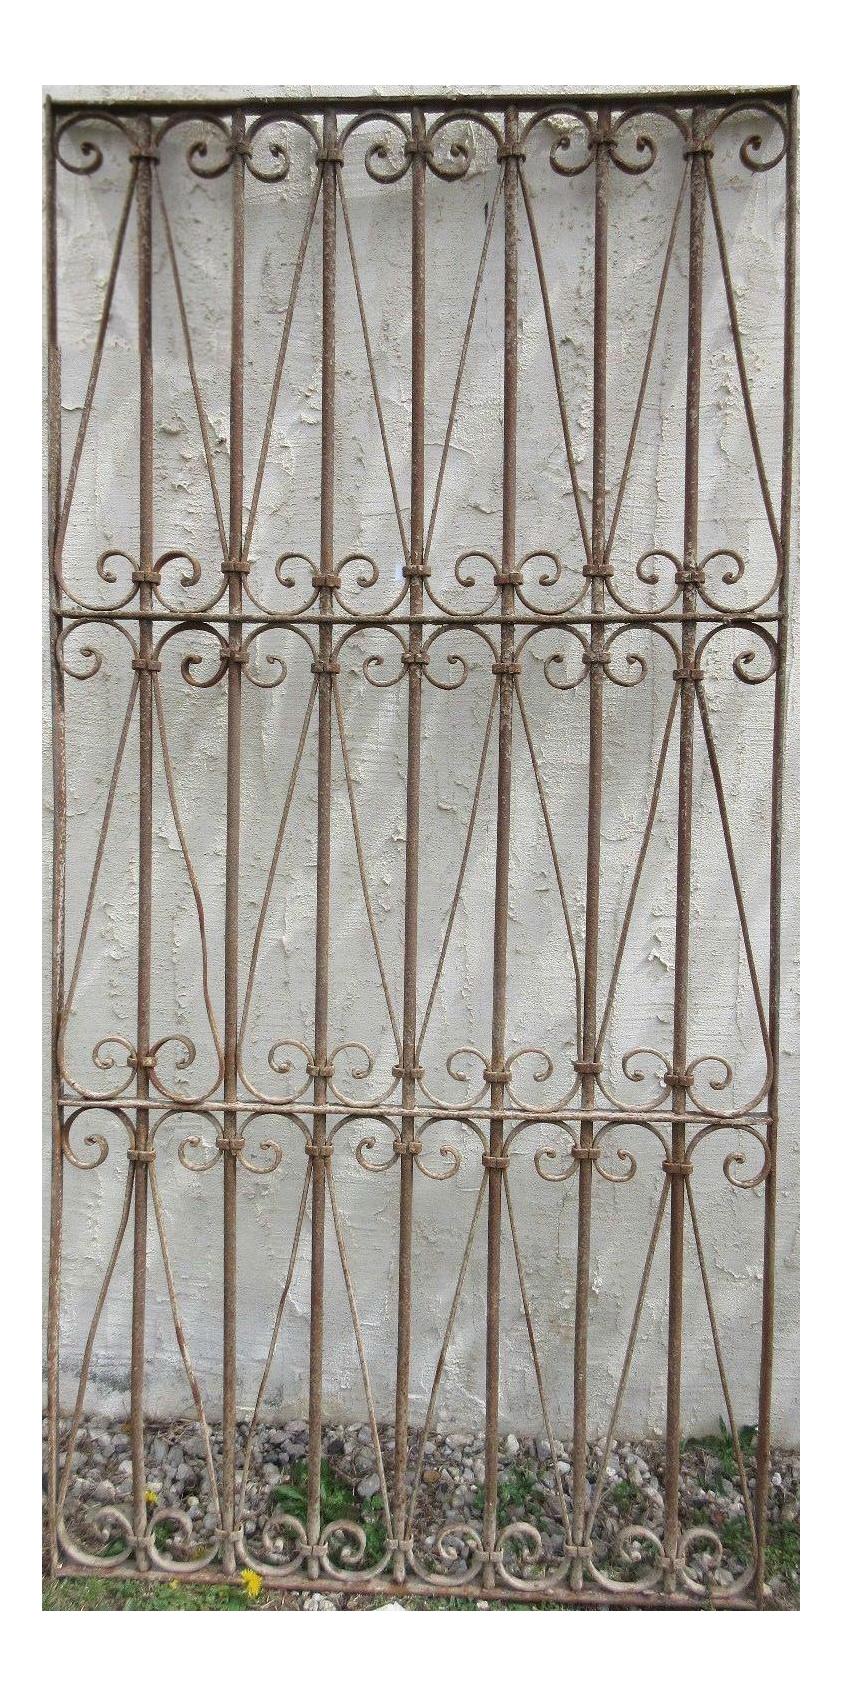 Antique Victorian Iron Gate Window Garden Fence Architectural